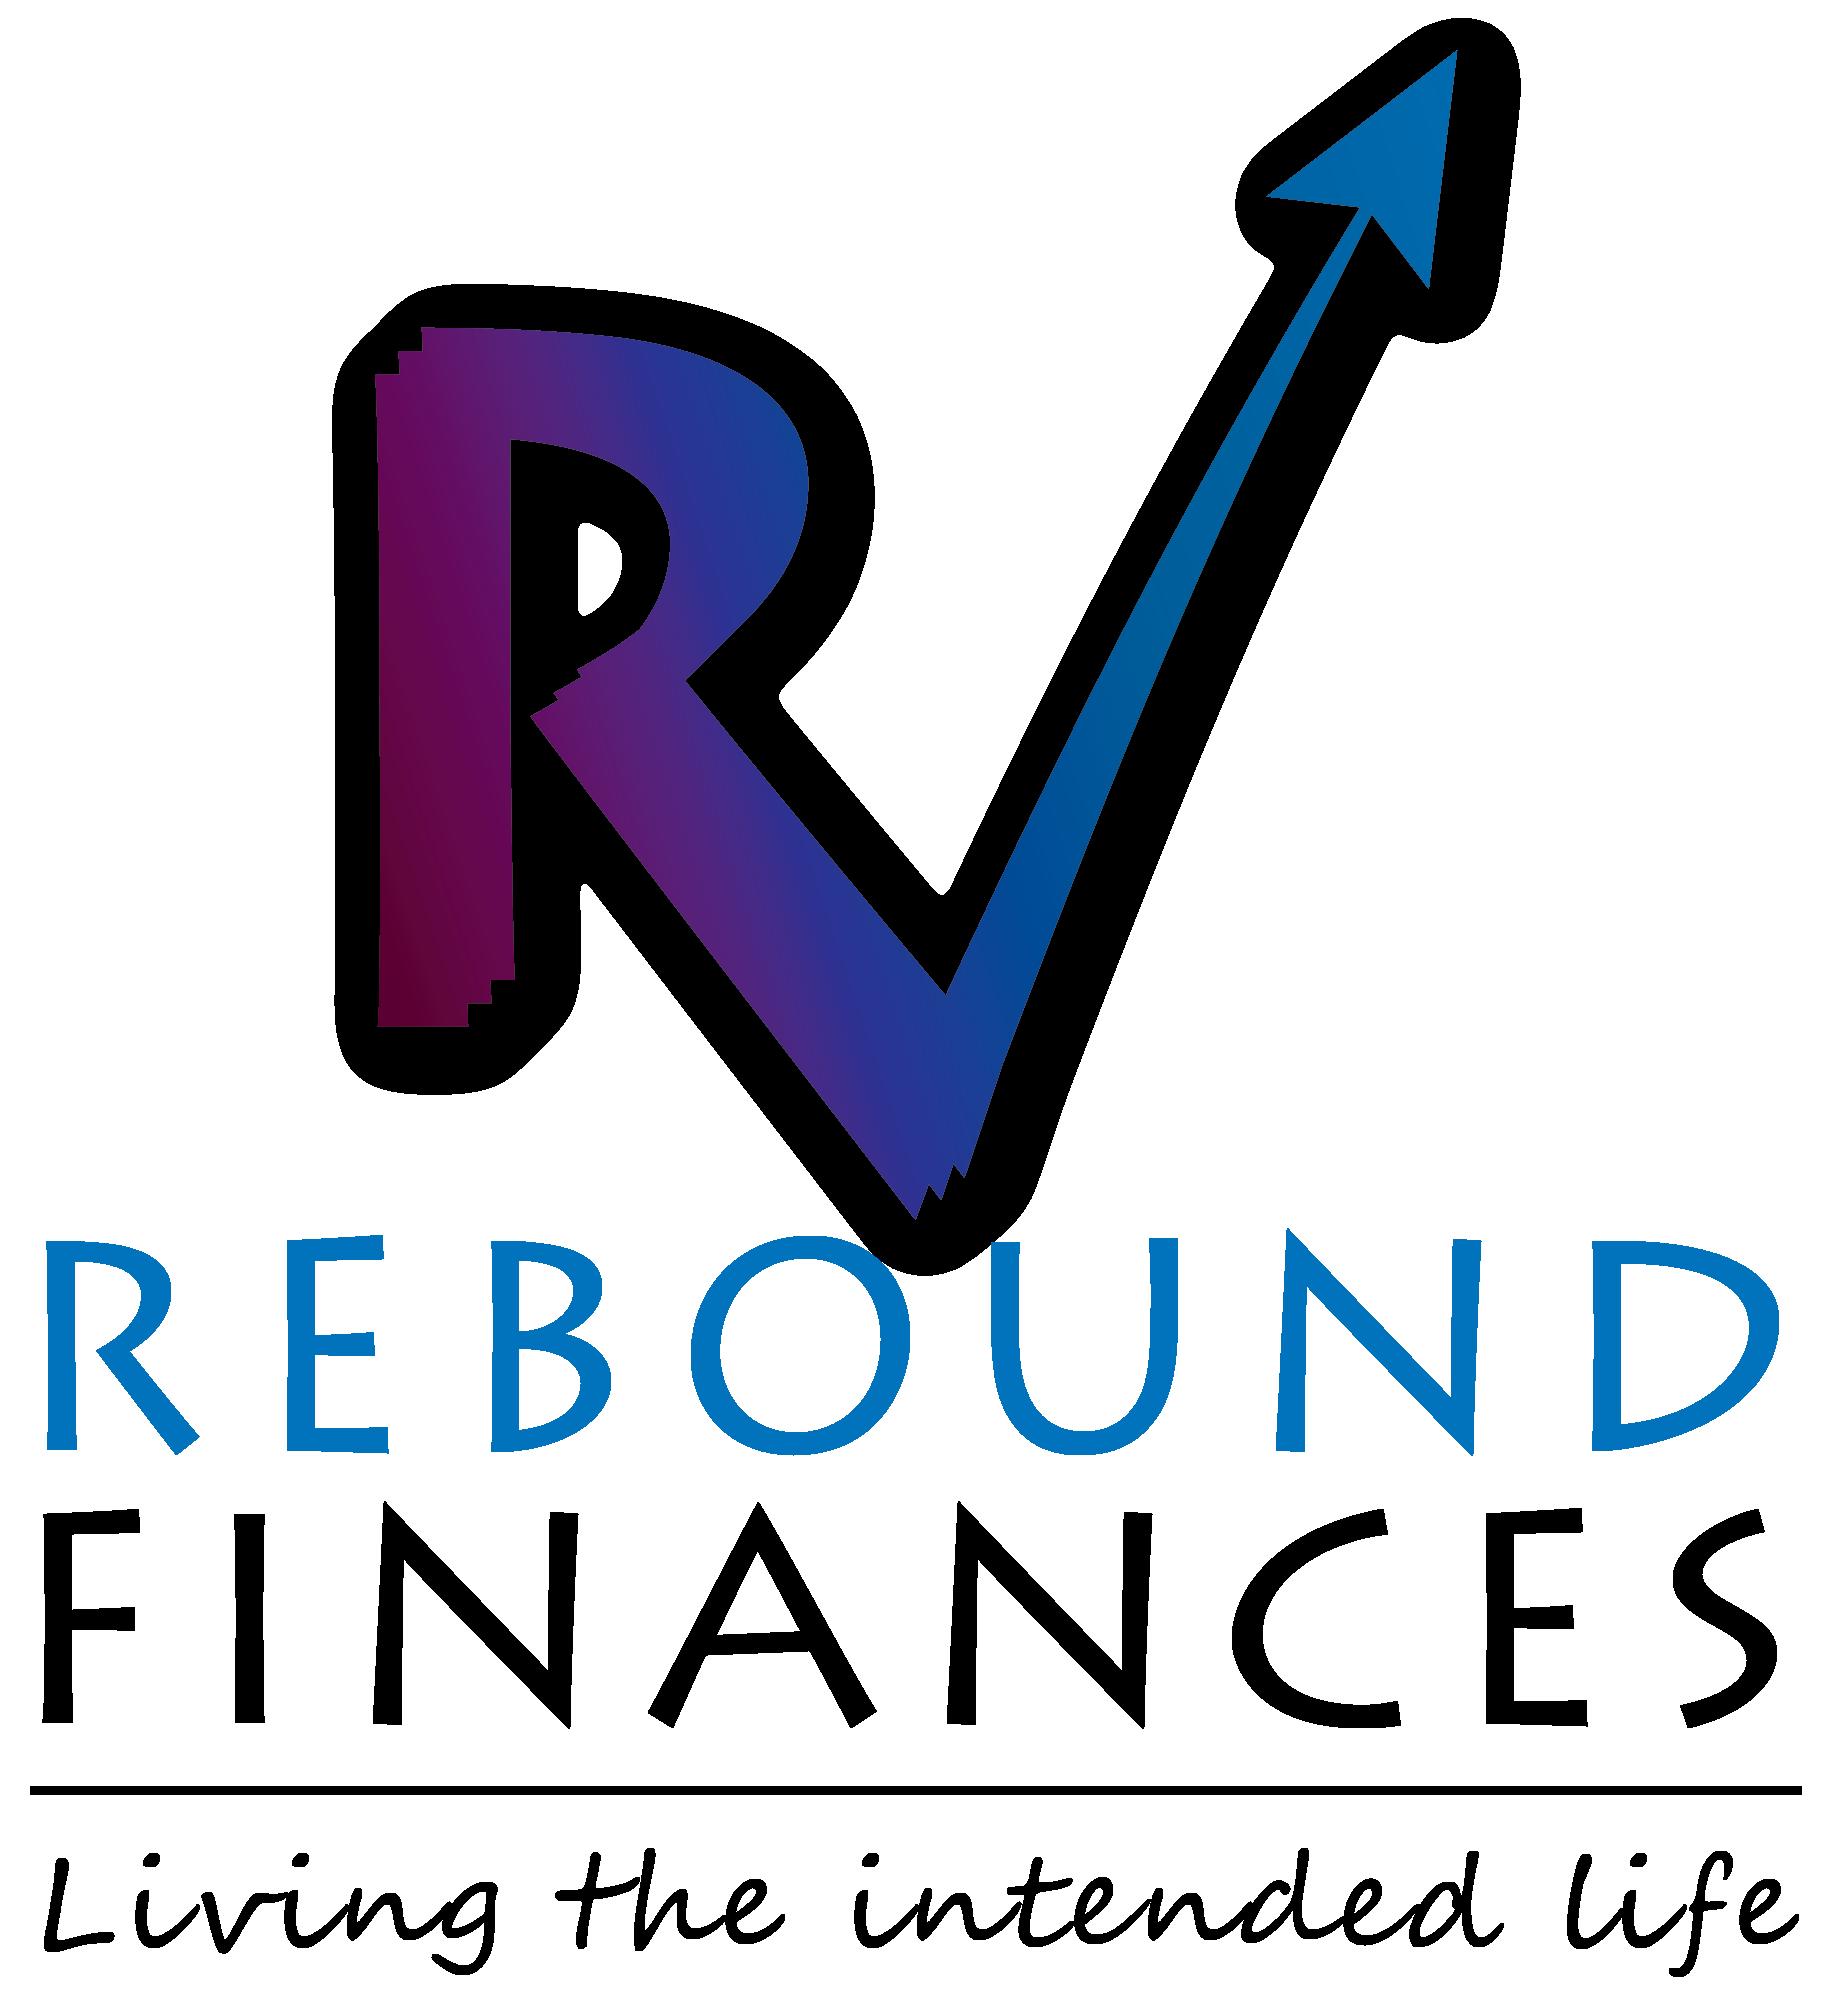 Rebound Finances